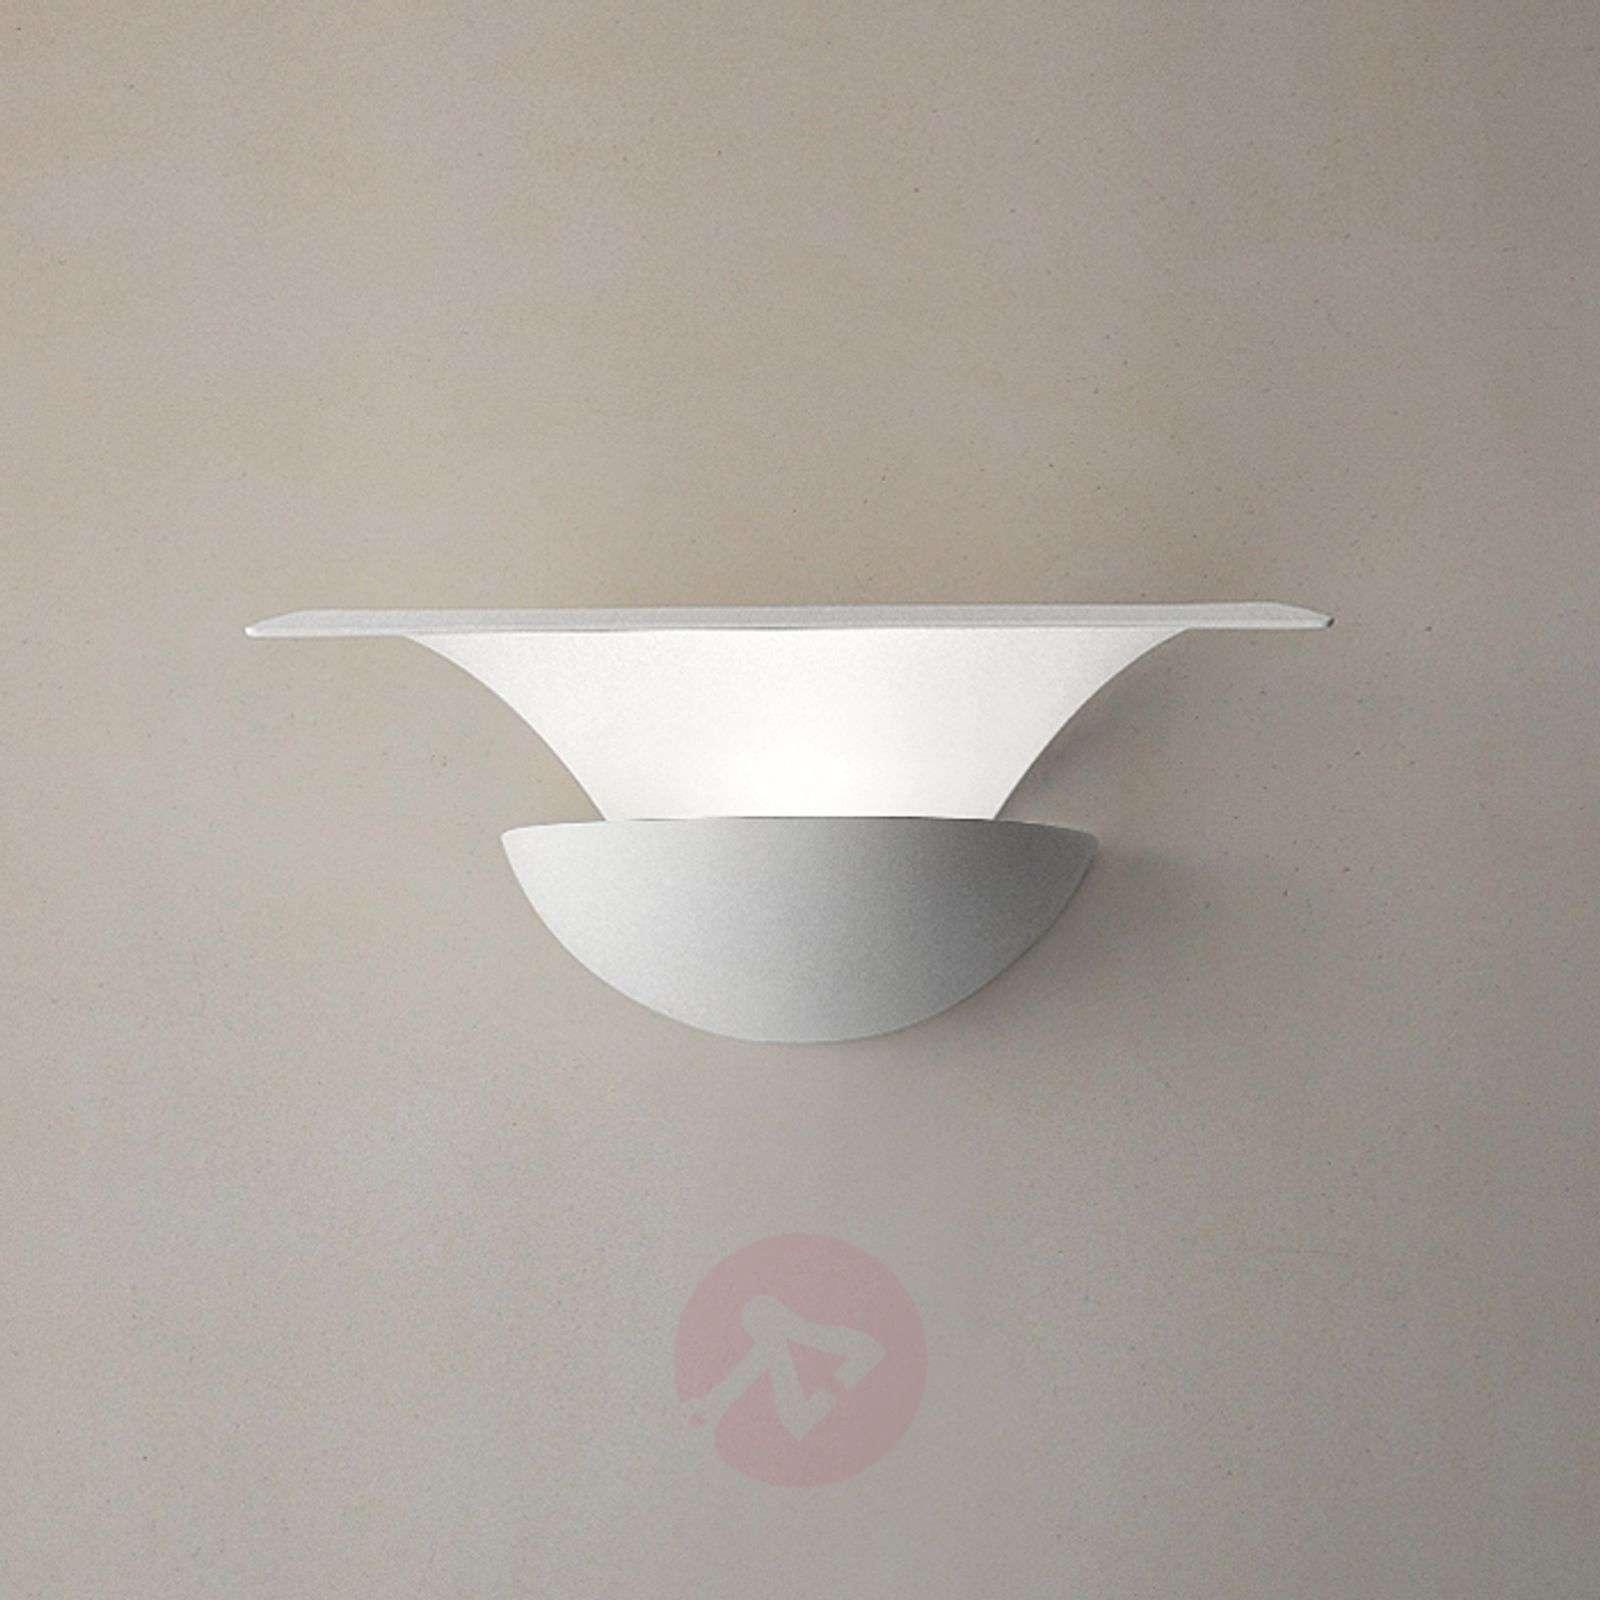 Metallinen LED-seinävalaisin Blossomy, valkoinen-6516248-01